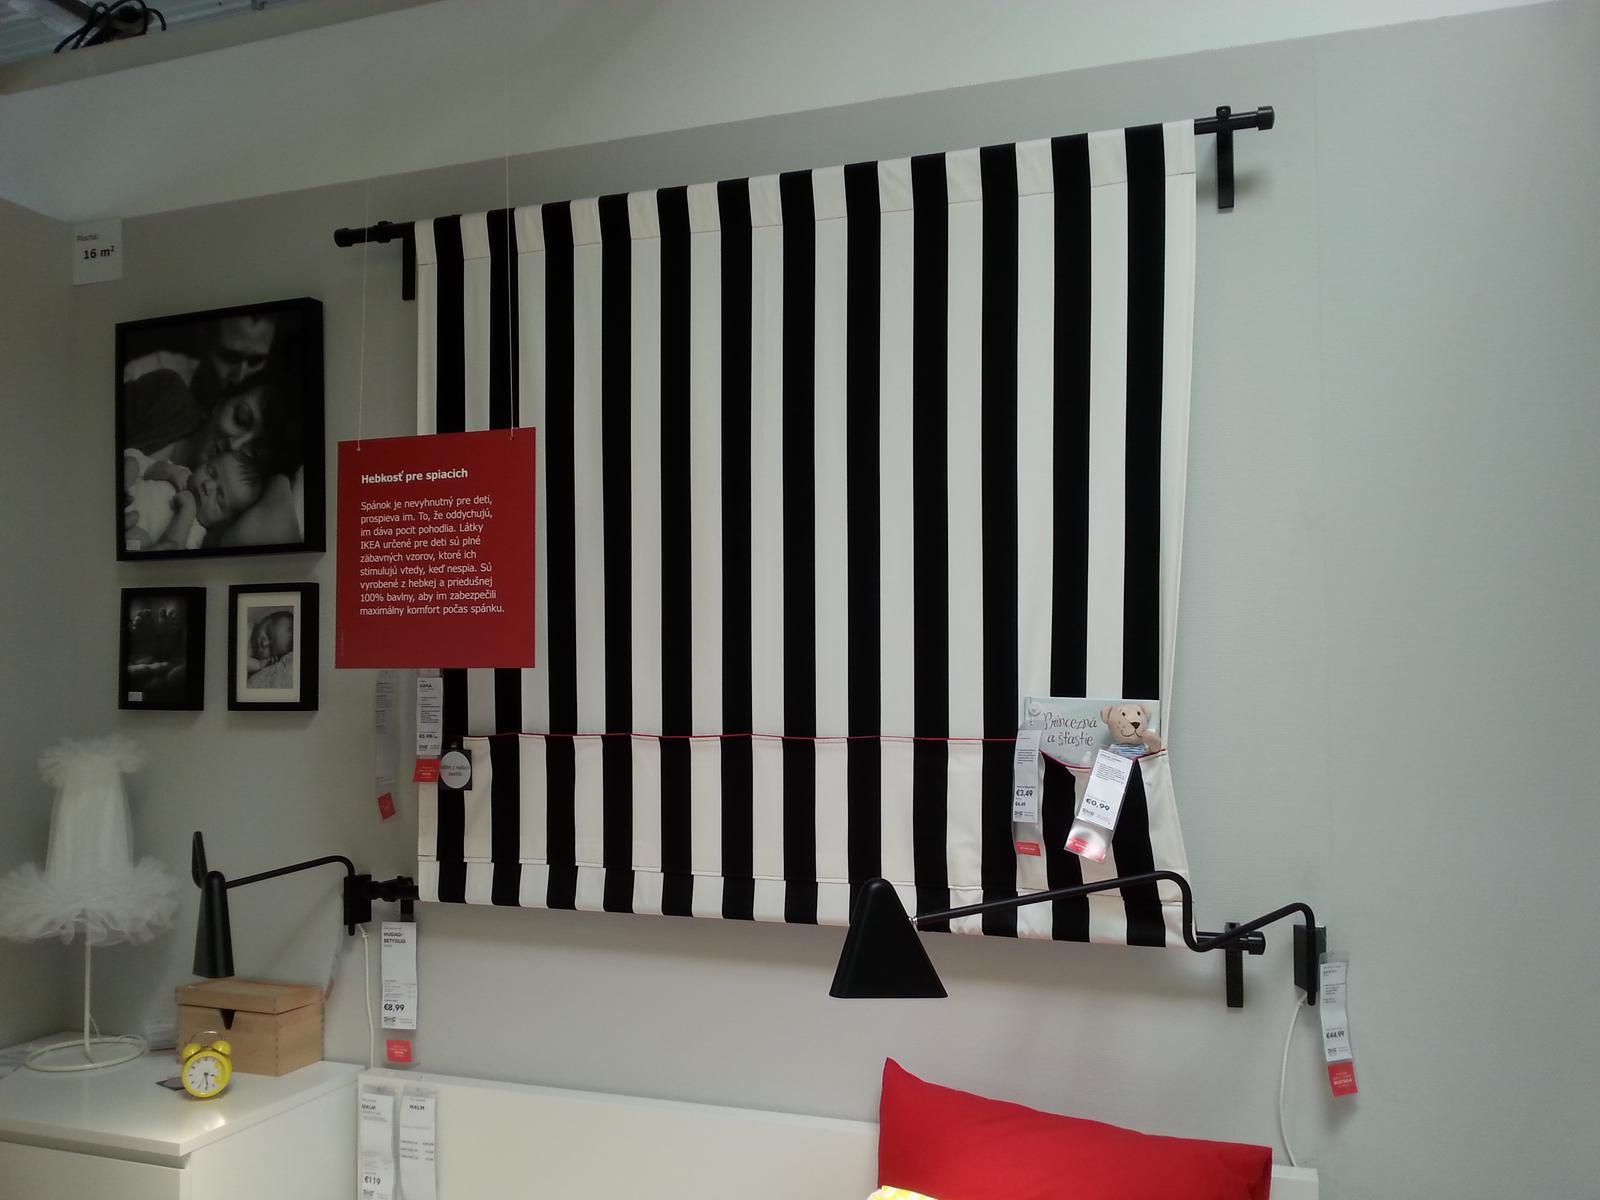 U nás - v malom dome :-) - Toto bola povodna inspiracia pre nas projekt za postel.. :-) a.... vid. dalsia foto